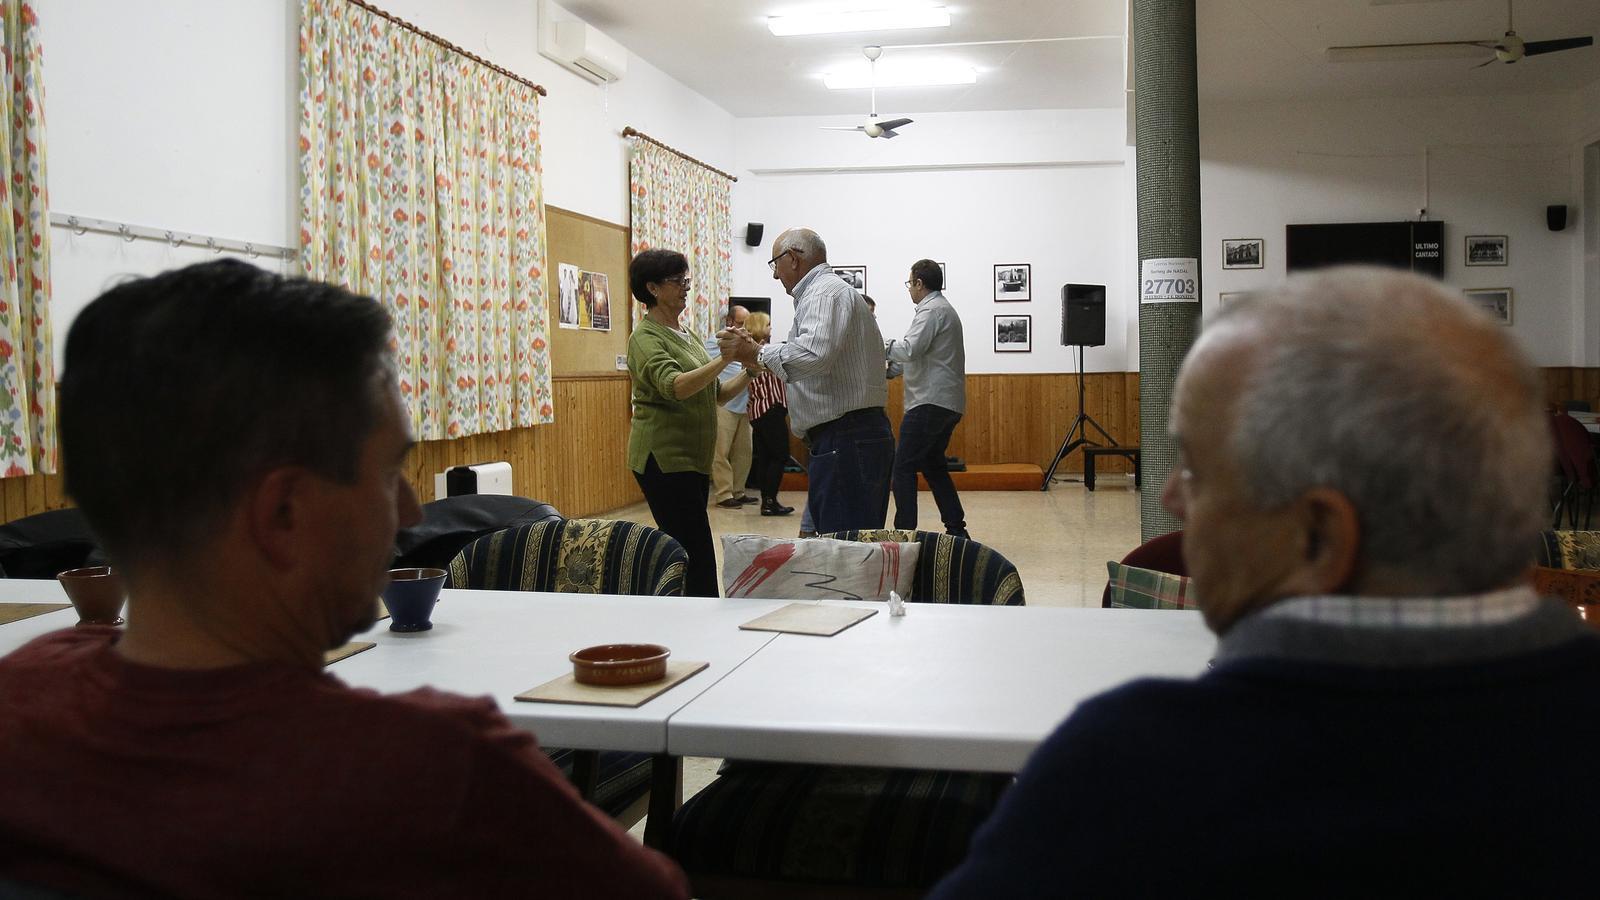 Els clubs de gent gran podran obrir la setmana que ve amb restriccions